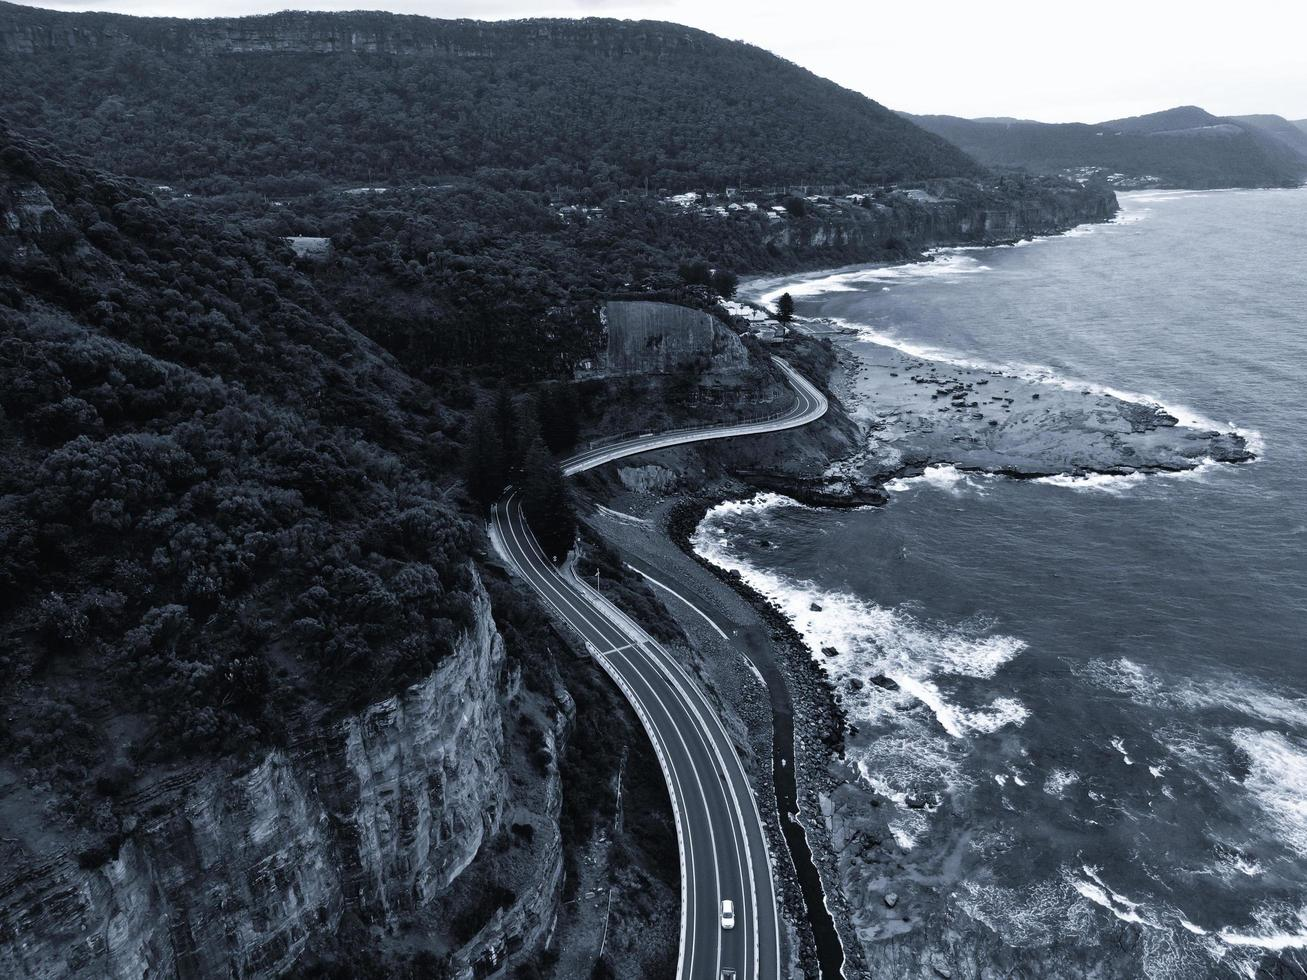 luchtfoto van een weg in de buurt van bergen en de oceaan foto